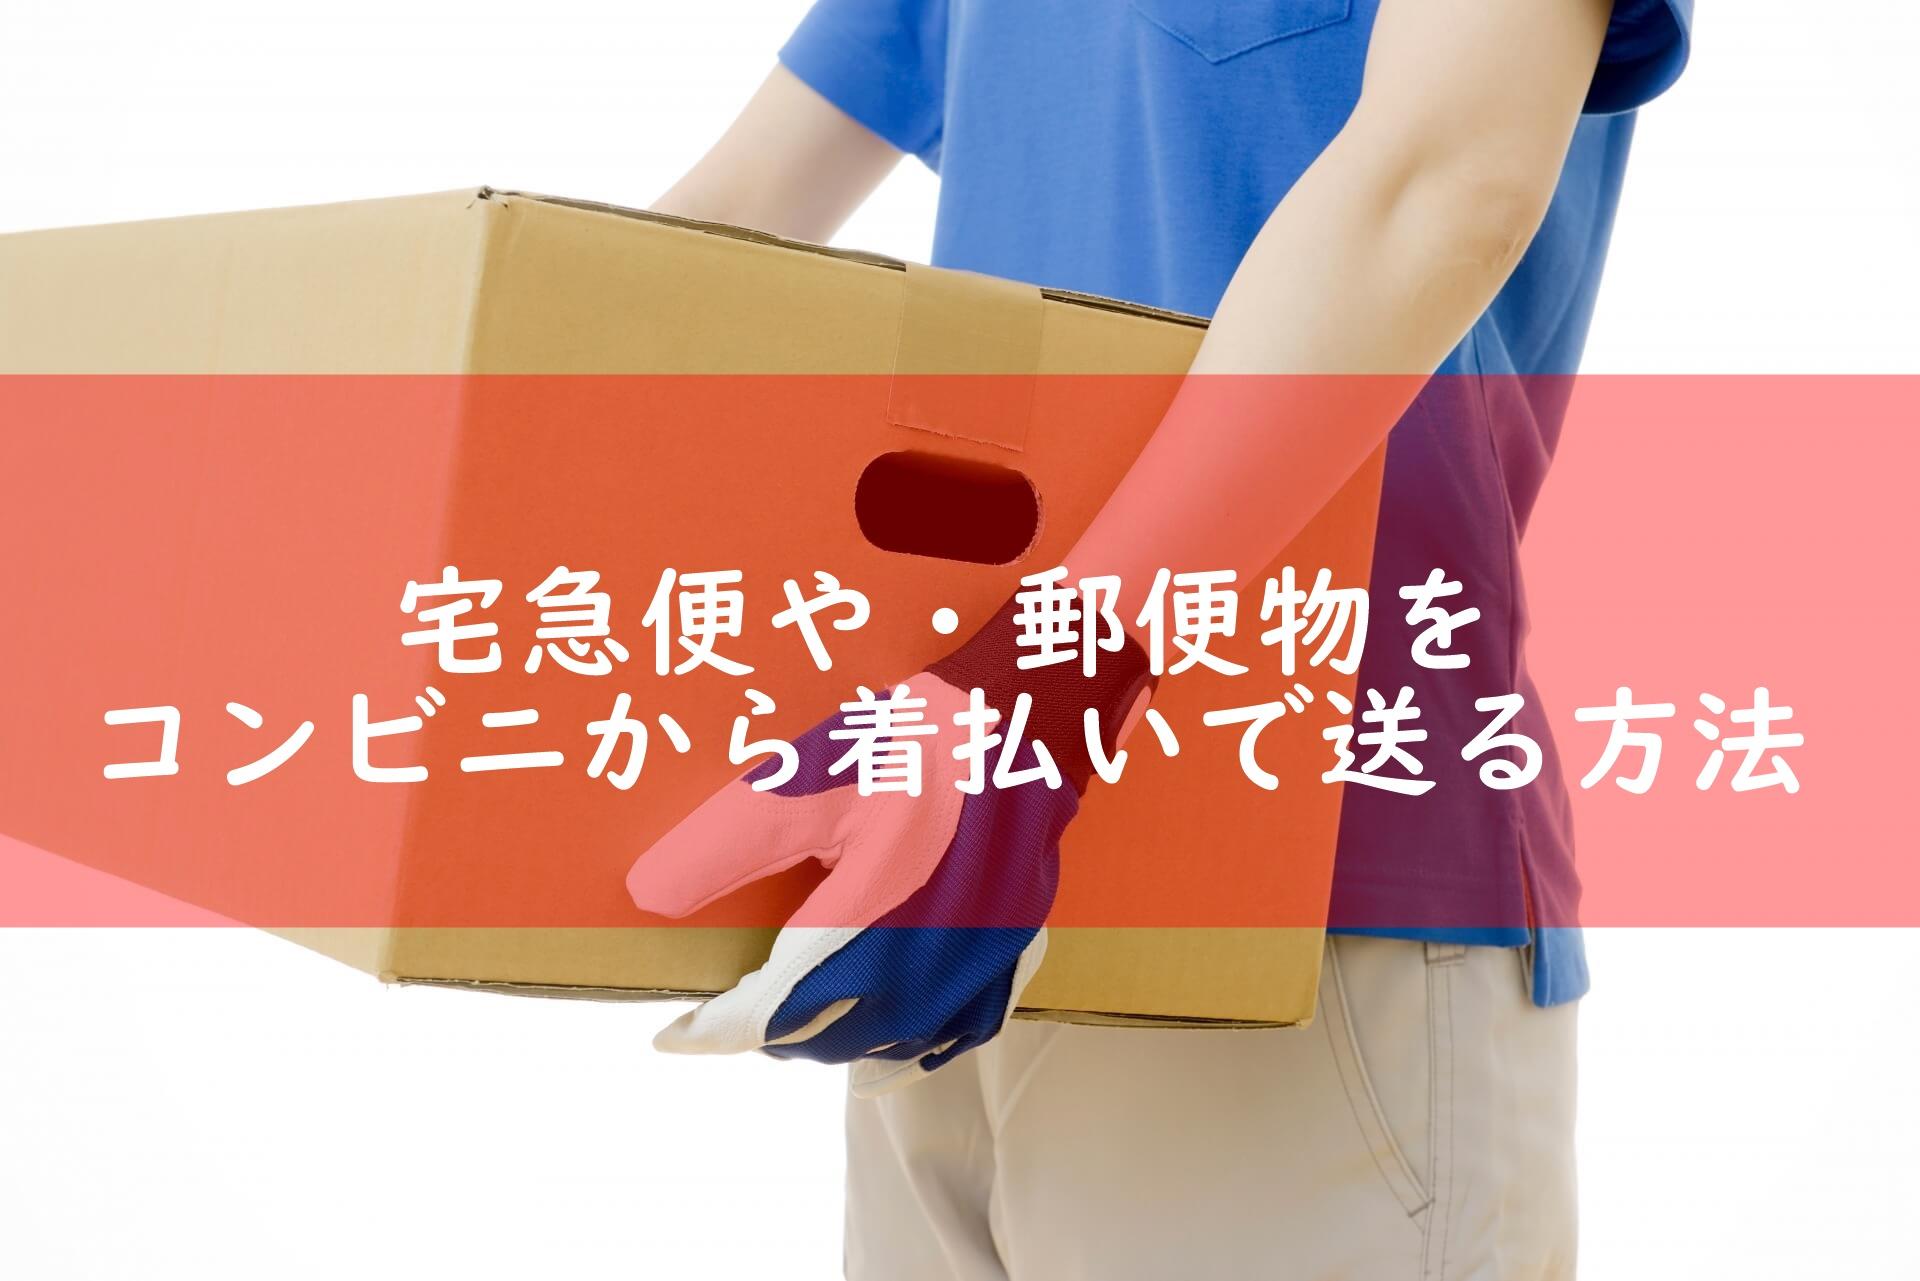 宅急便や郵便物をコンビニから着払いで送る